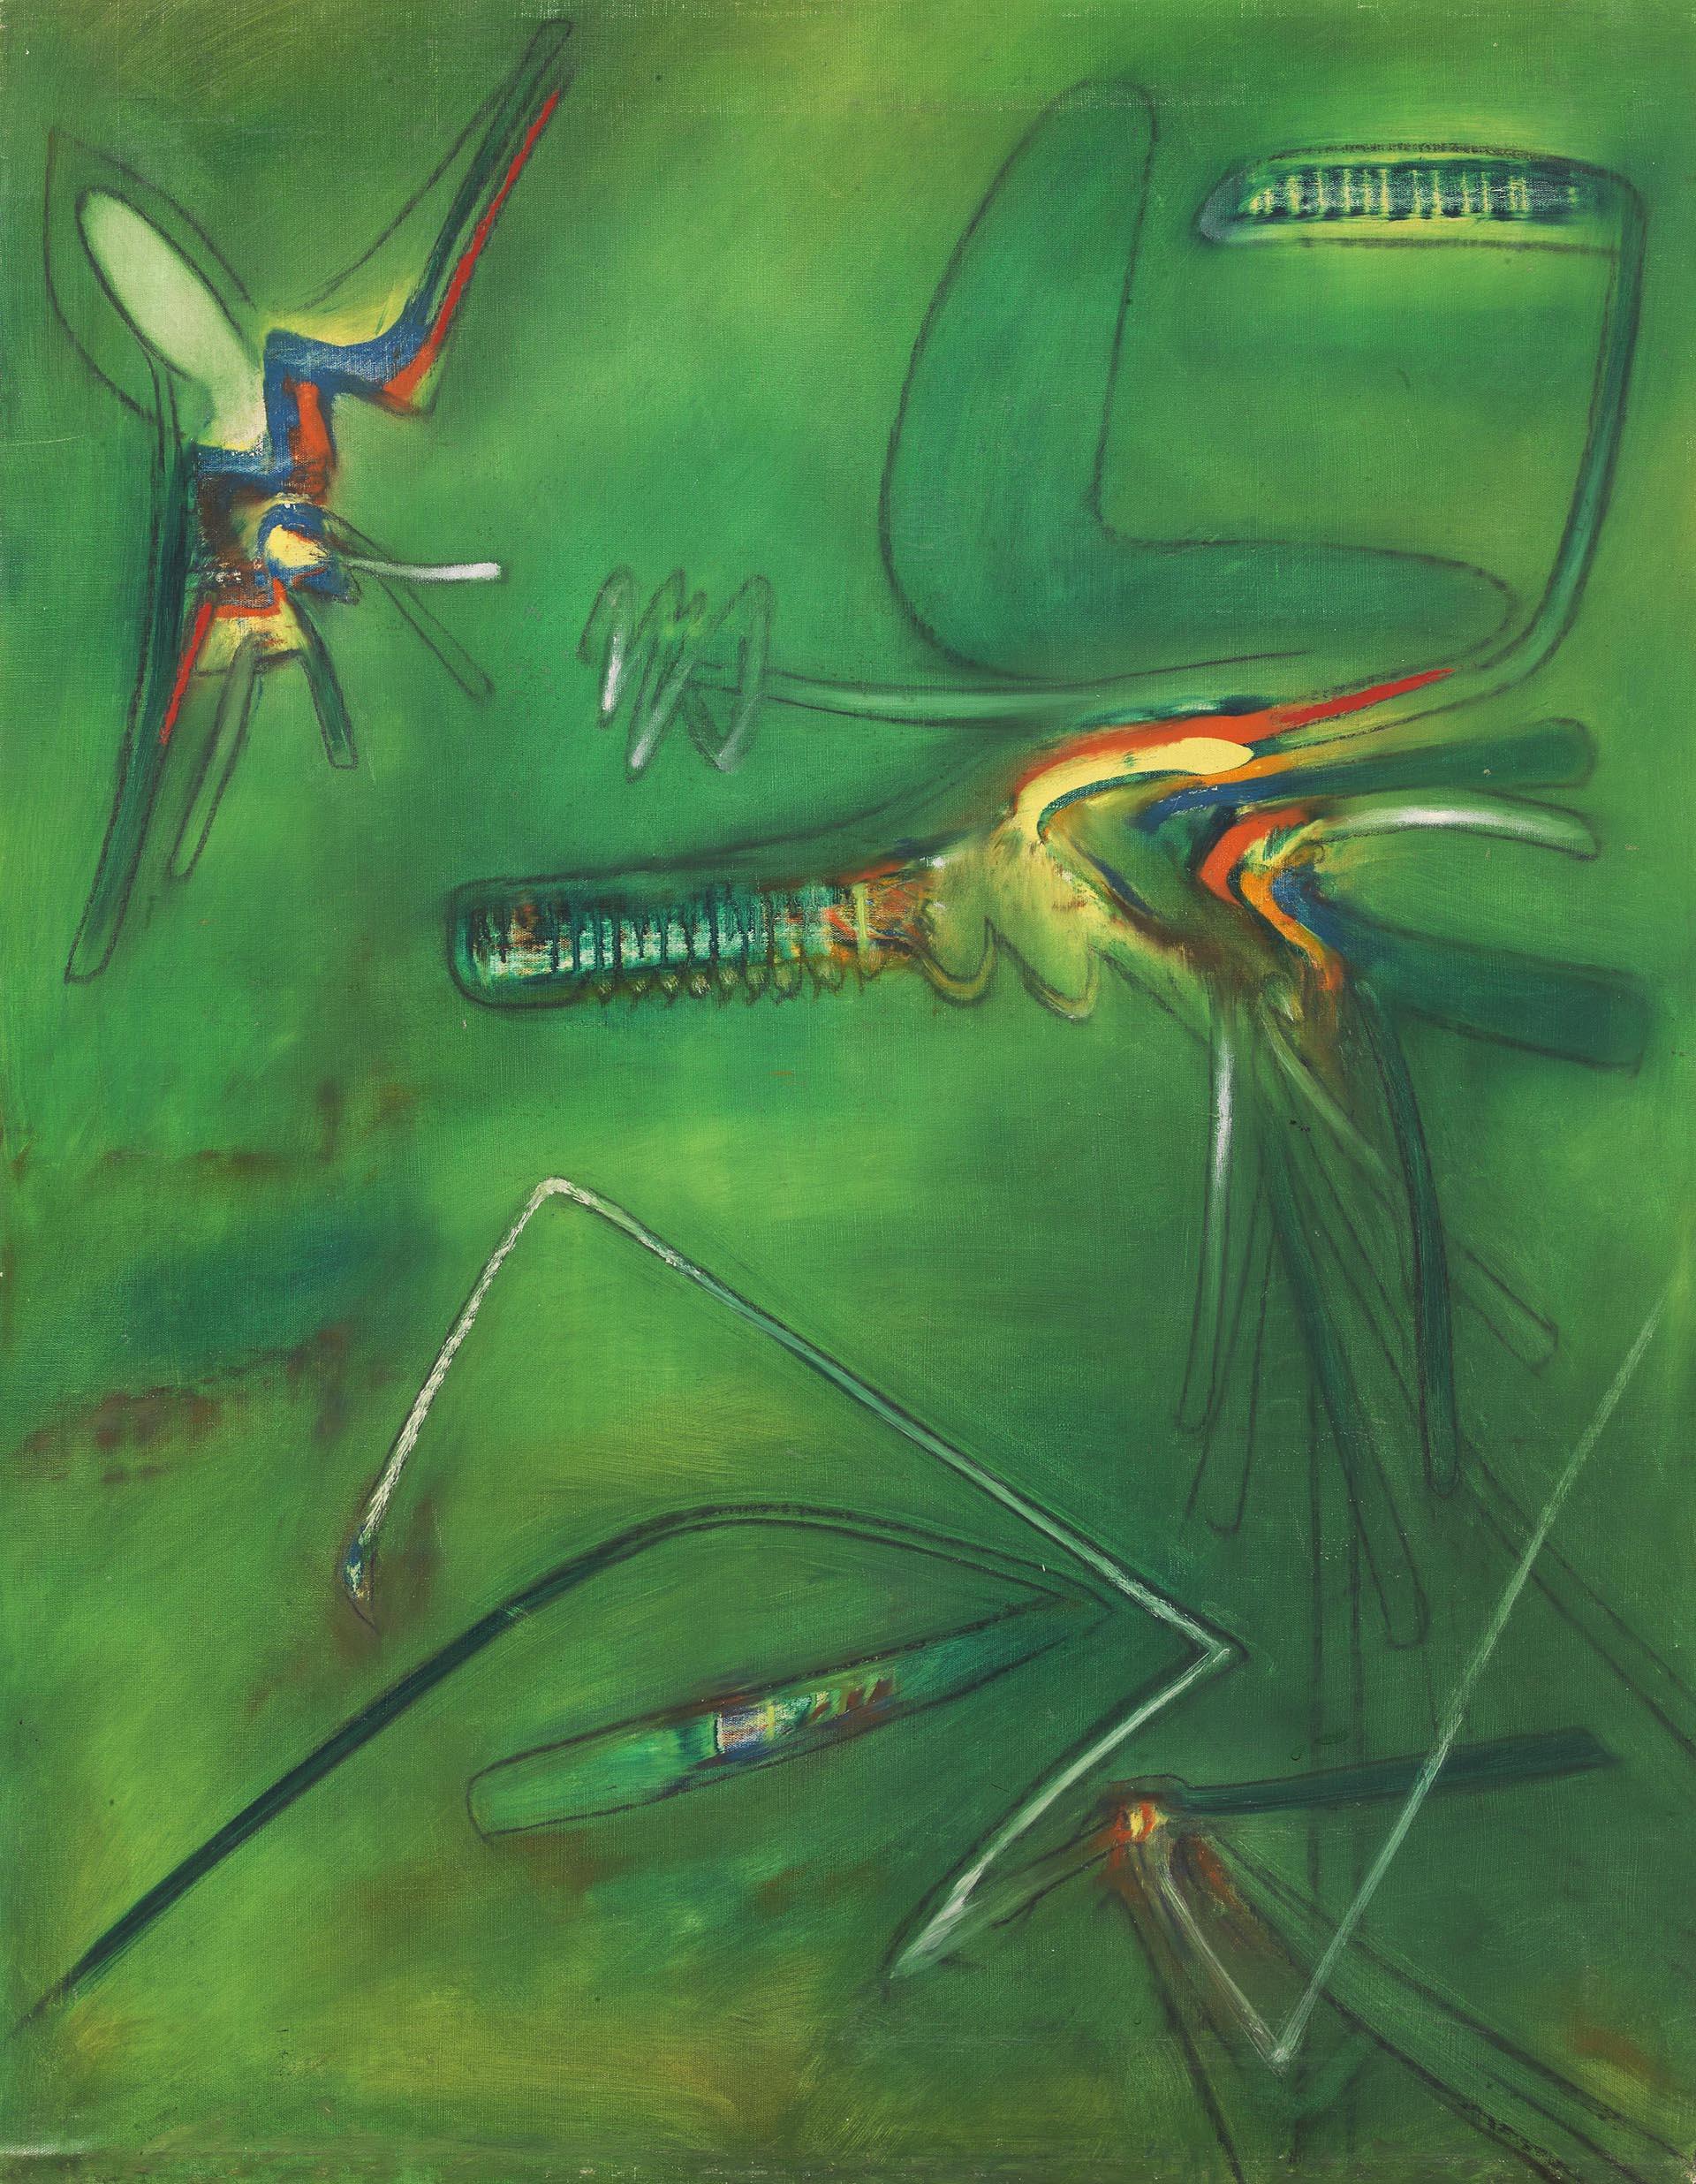 Matta, Composition sur fond vert, 1956, 102x80 cm